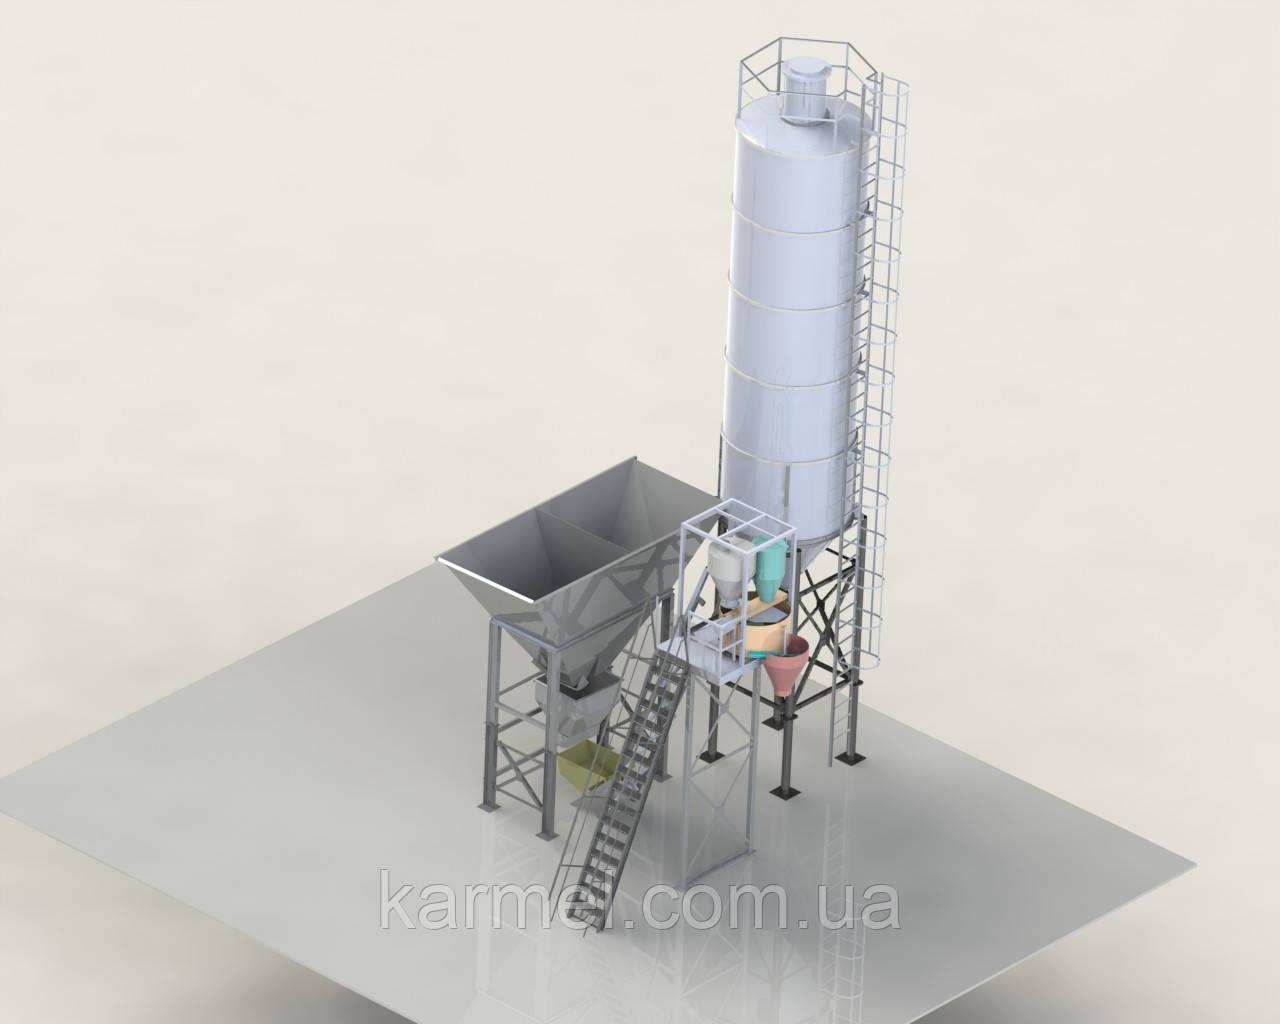 Мобильная бетоносмесительная установка МБСУ-8С KARMEL - KARMEL в Хмельницком